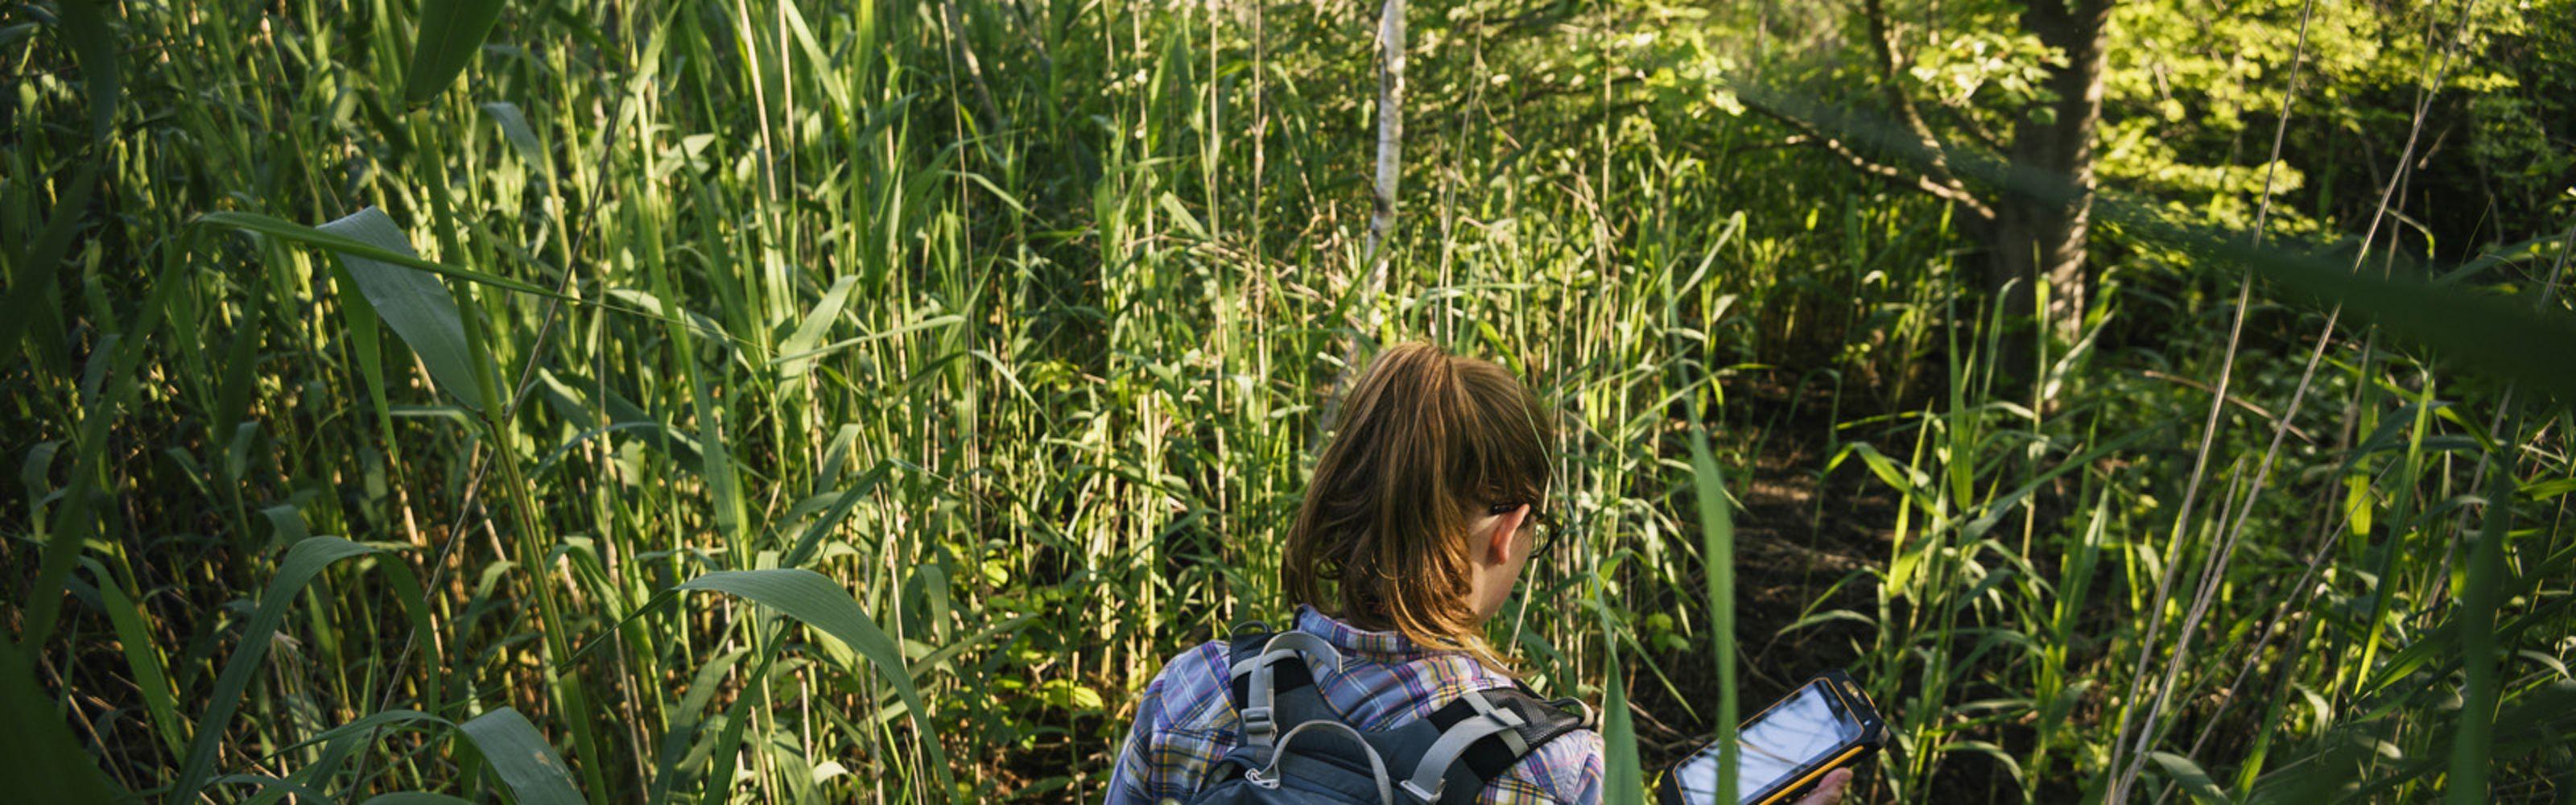 The Nature Conservancy scientist Lauren Alleman in Jamaica Bay Wildlife Reserve.